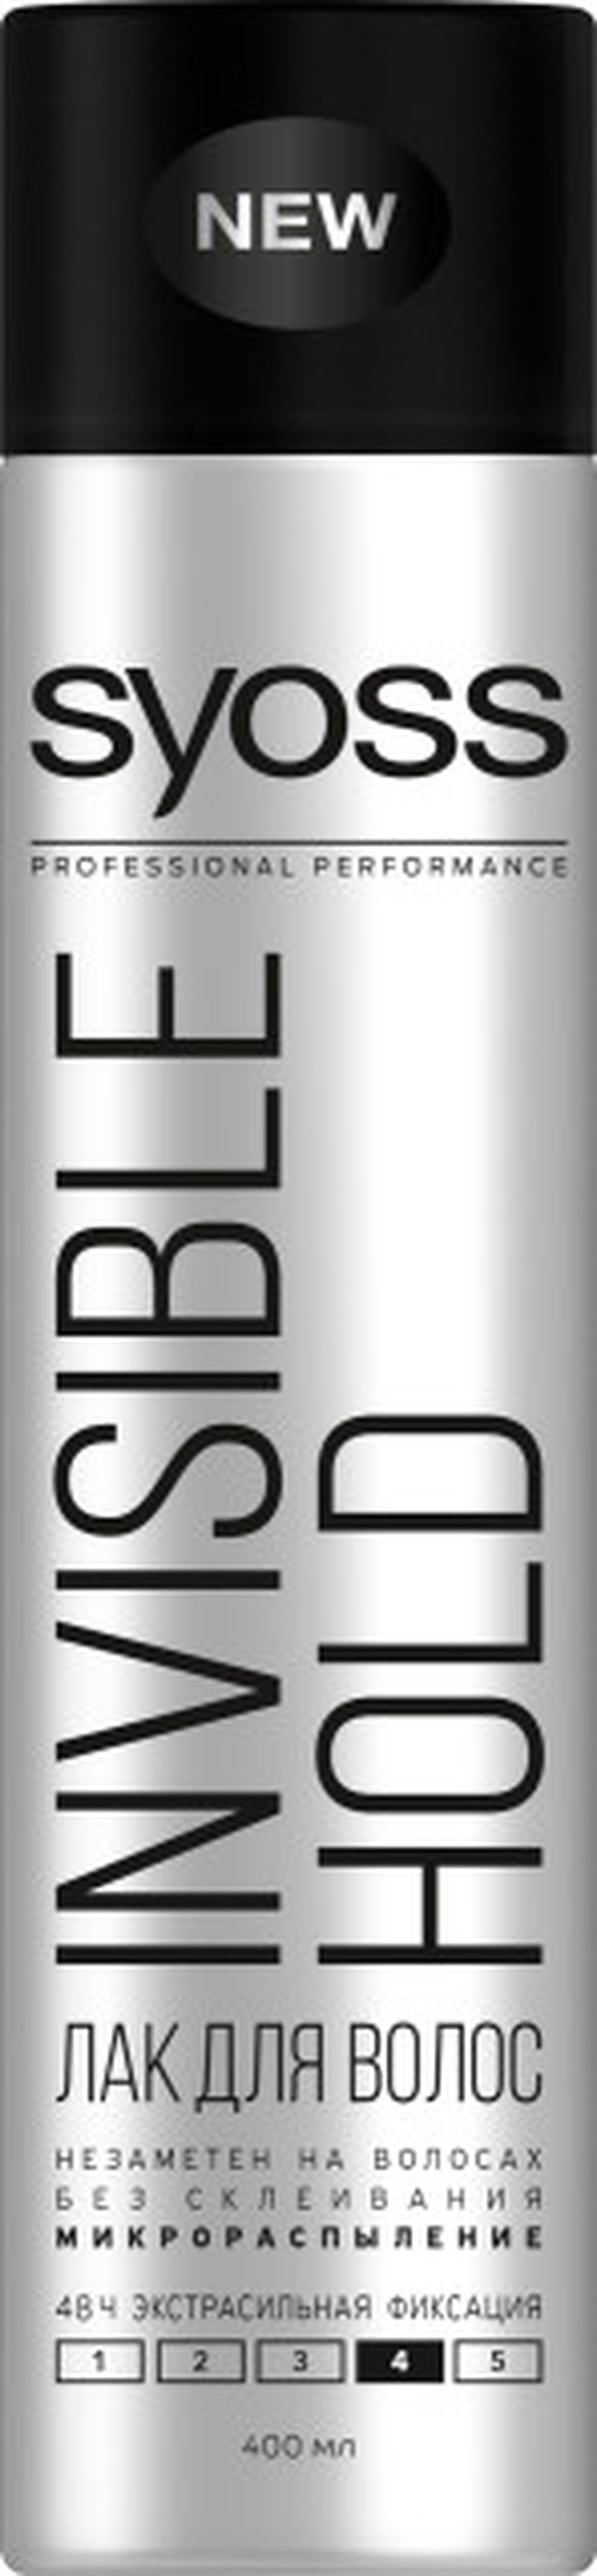 Сьесс лак для волос Инвизибл 400мл купить в Москве по цене от 0 рублей